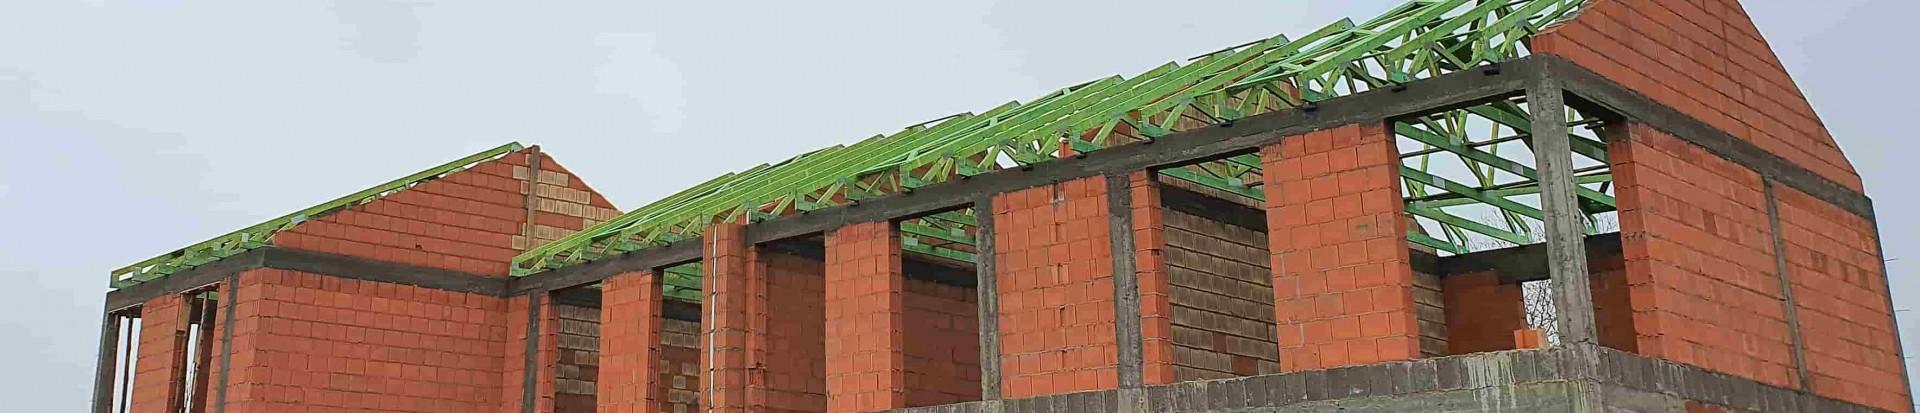 Część druga realizacji na osiedlu domków jednorodzinnych w mieście Łódź